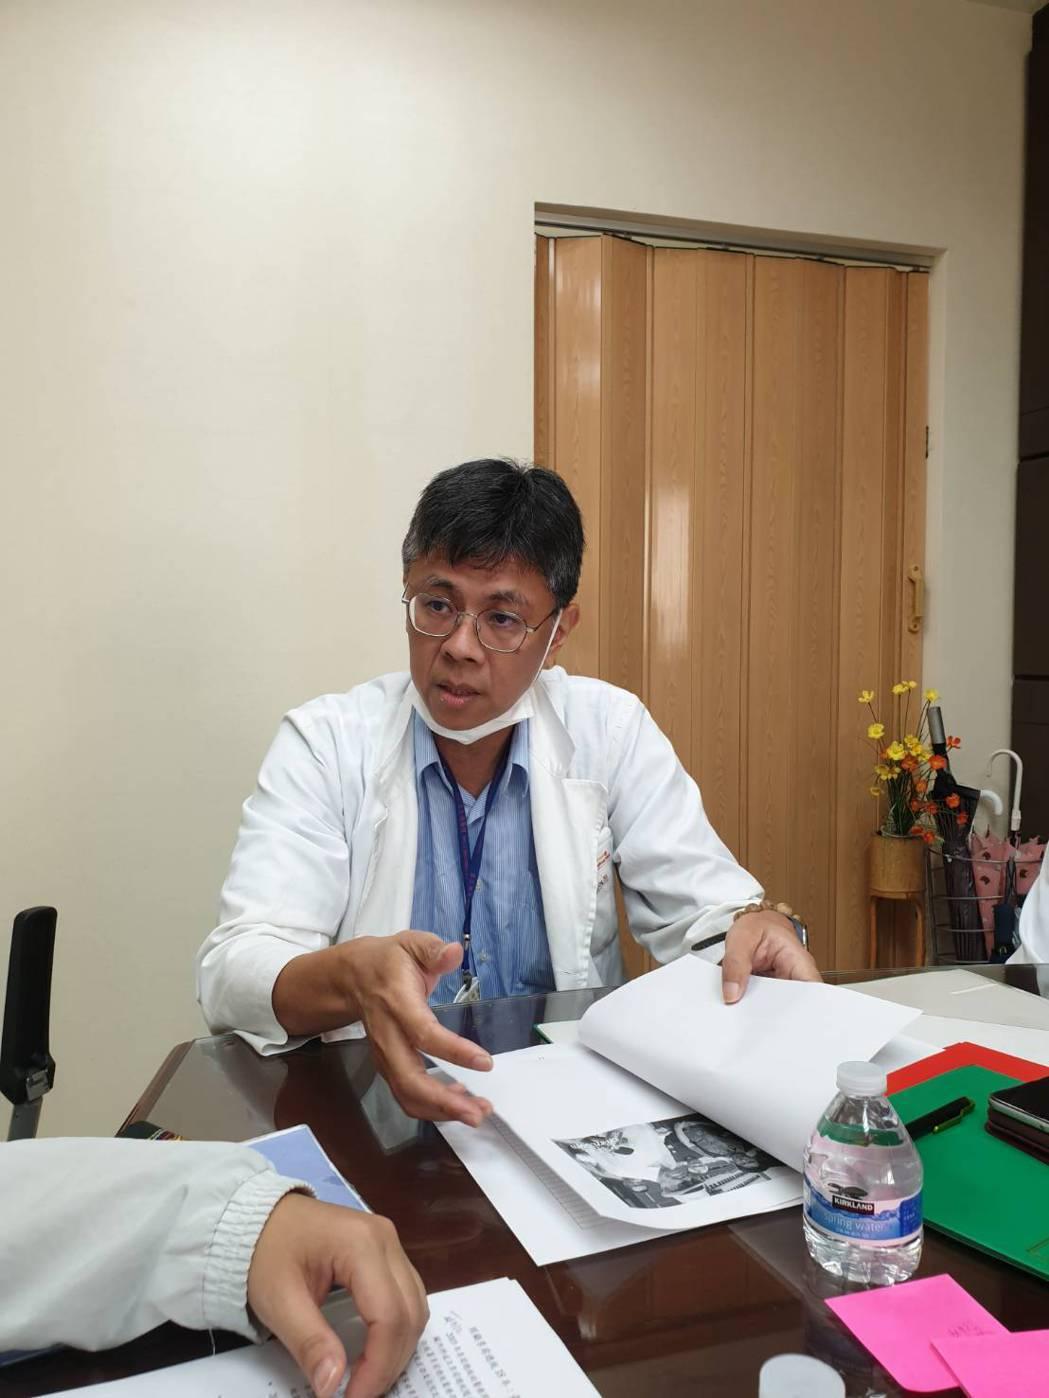 18年來,台北榮總換了四任院長,心臟內科也換了四個主任, 曾經跟他國內出訪的54...